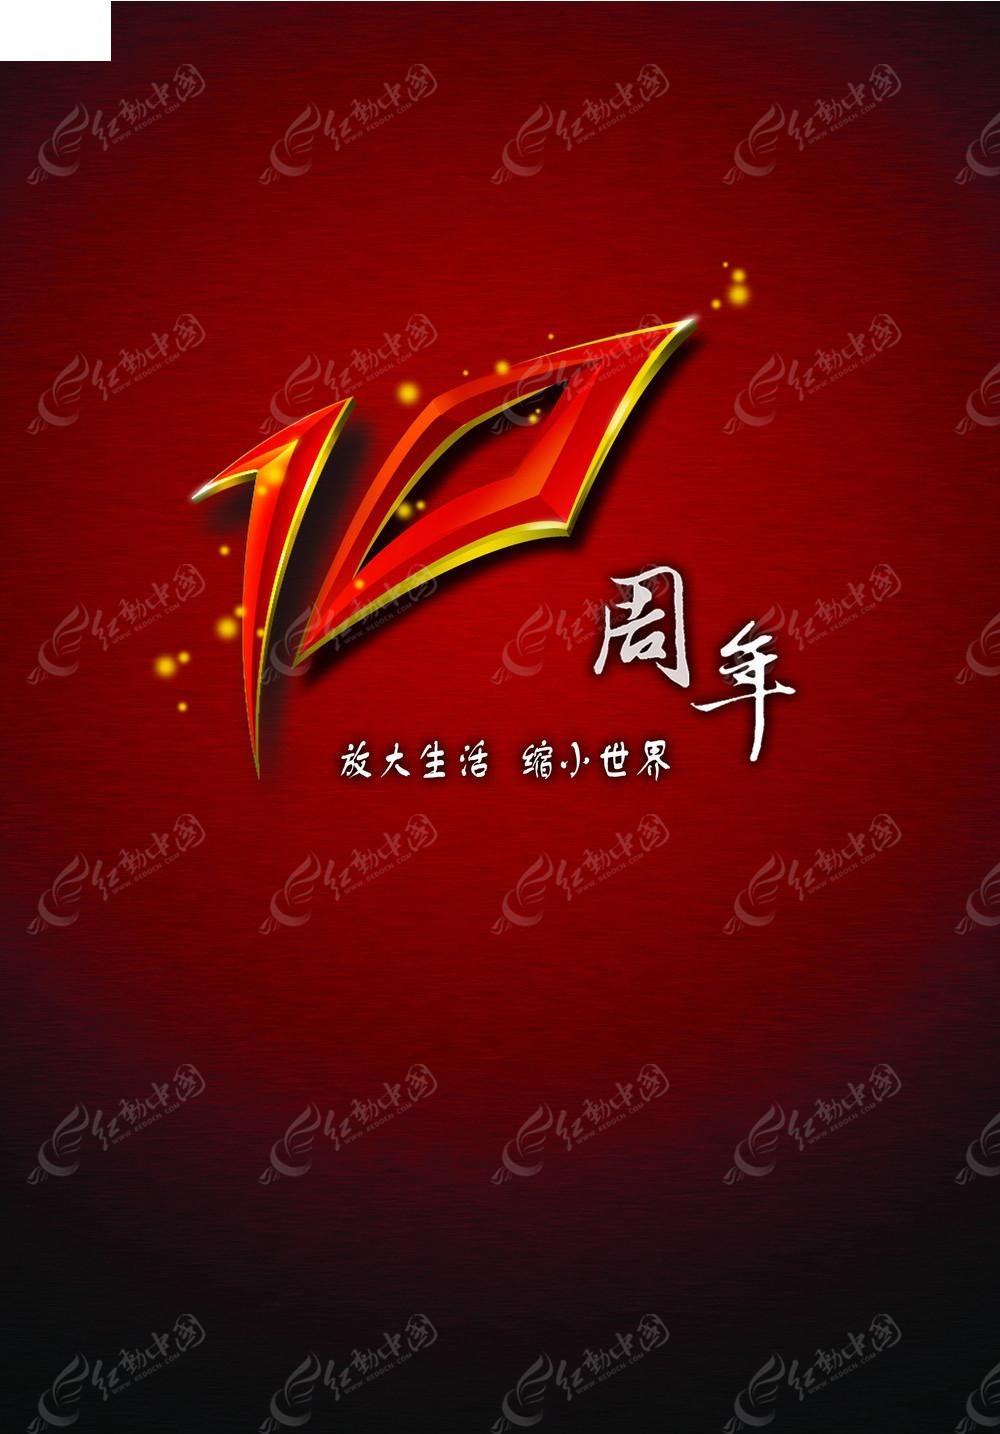 10周年庆海报设计模板